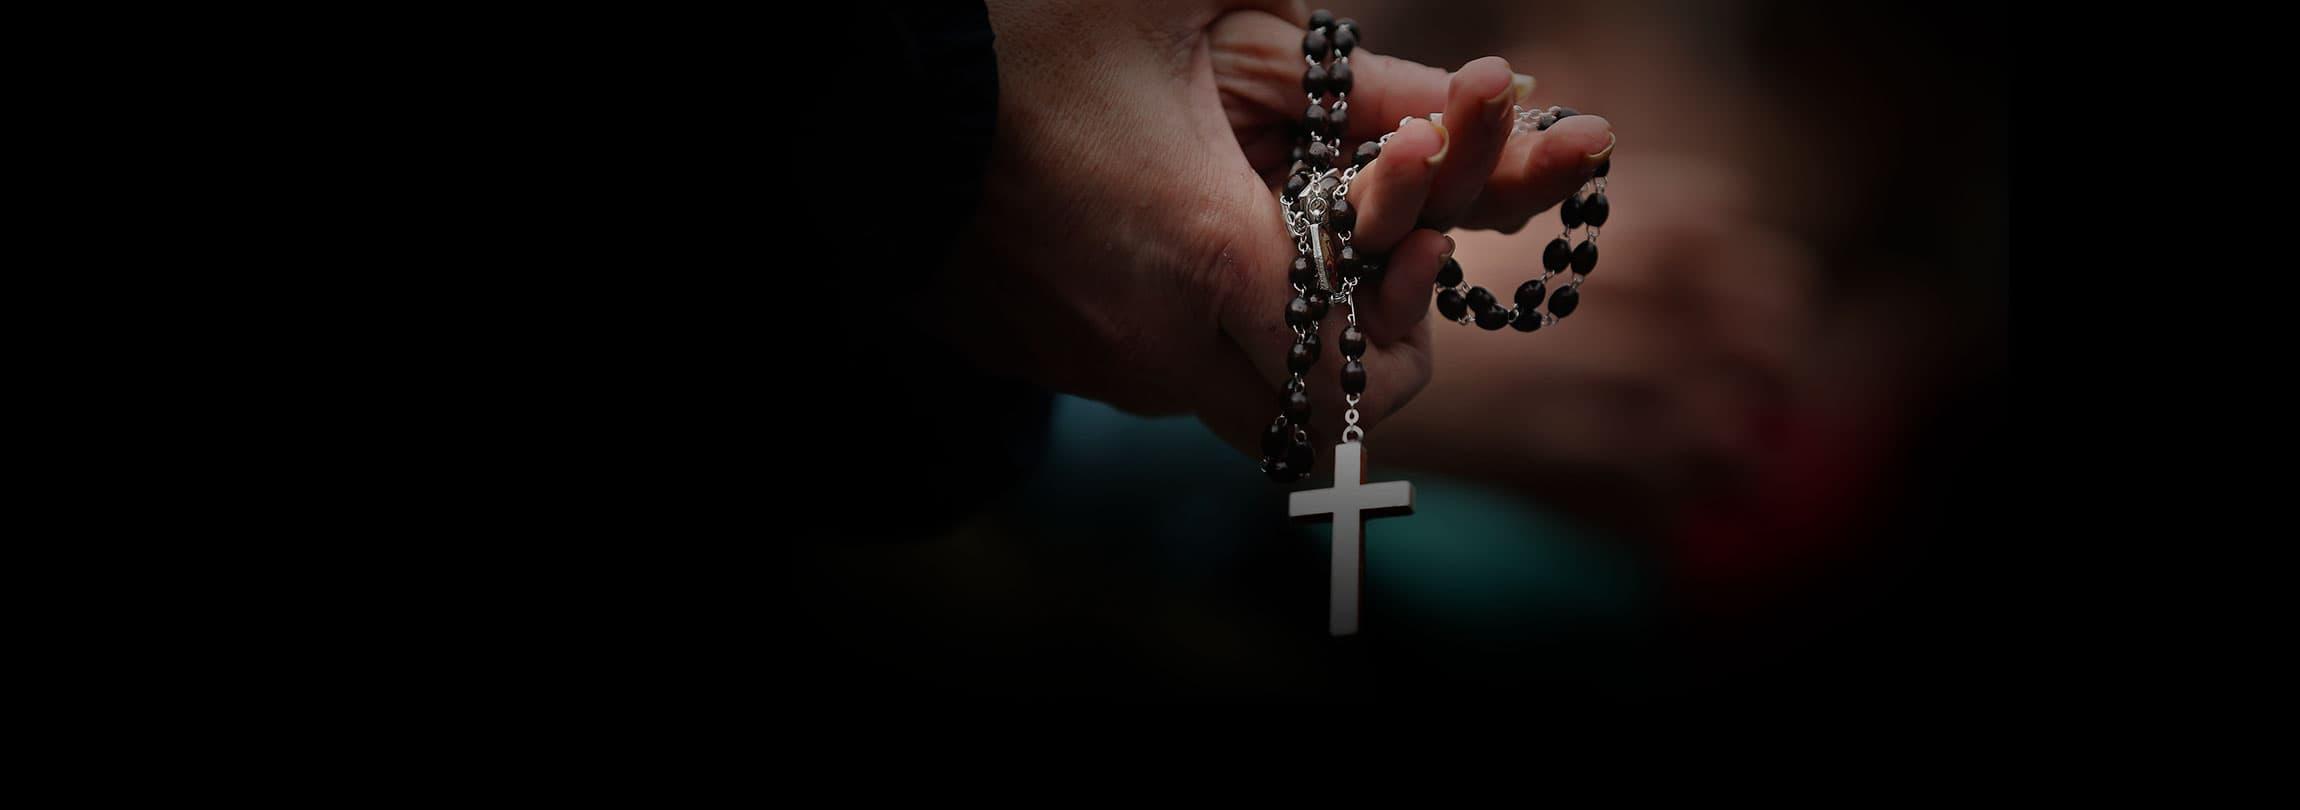 Multados porque estavam rezando o Rosário